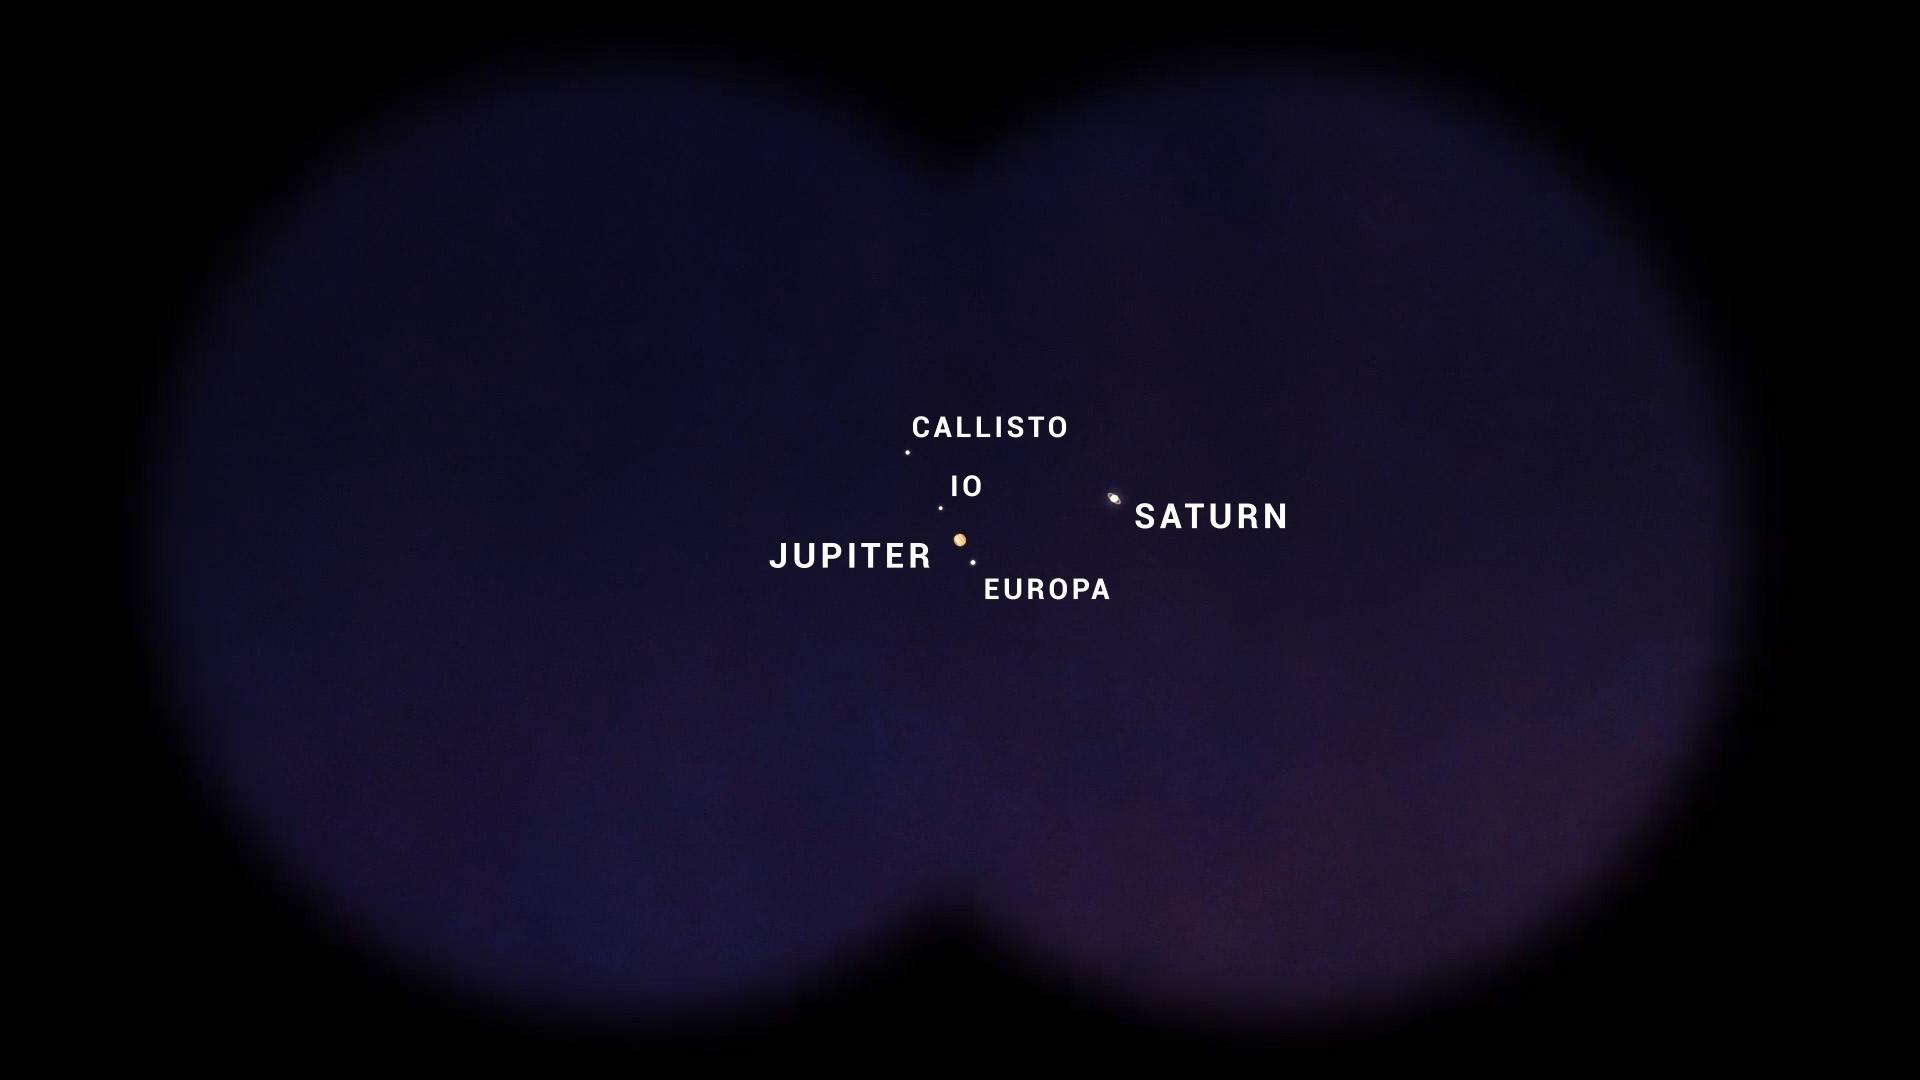 Dans cette illustration en gros plan, Jupiter et Saturne semblent assez confortables lorsqu'ils sont vus avec des jumelles.